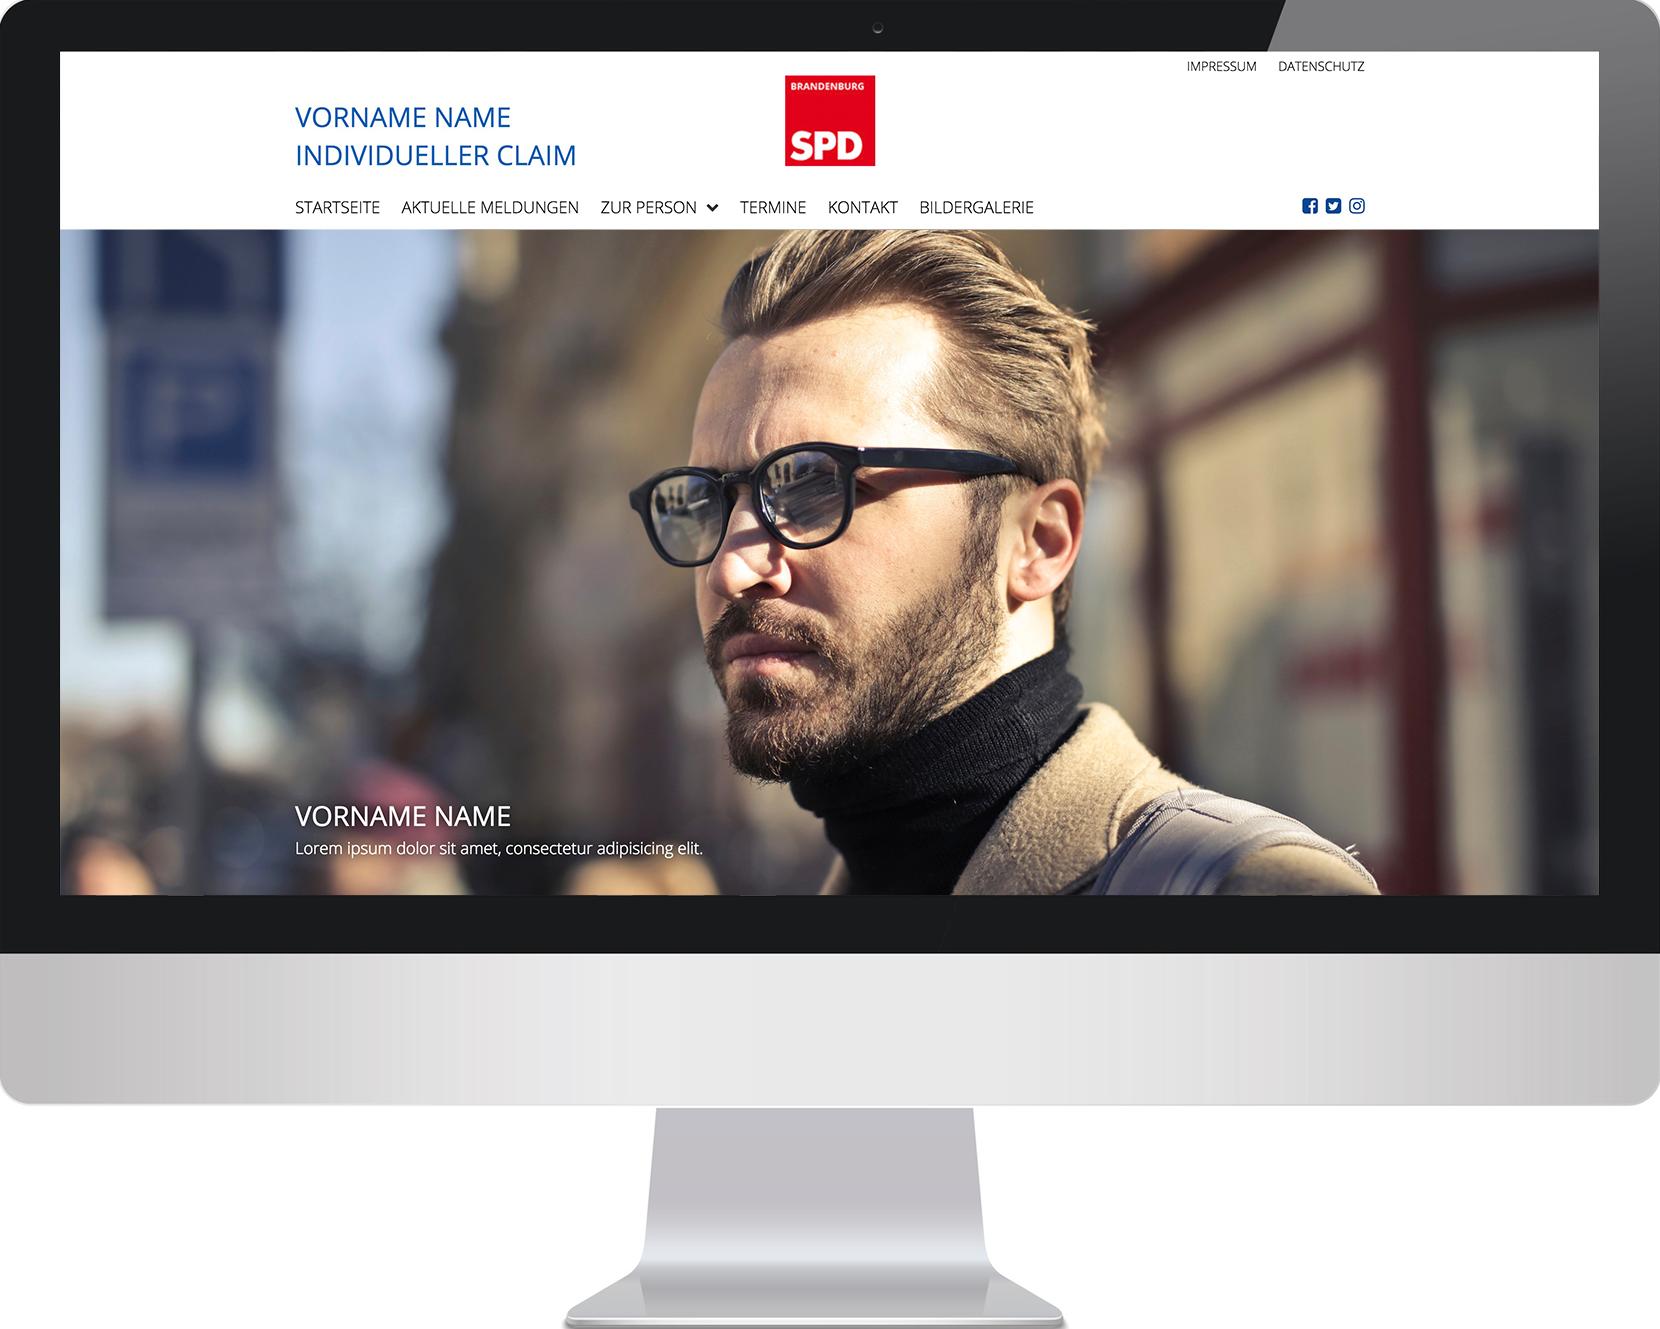 Monitor mit Beispielseite